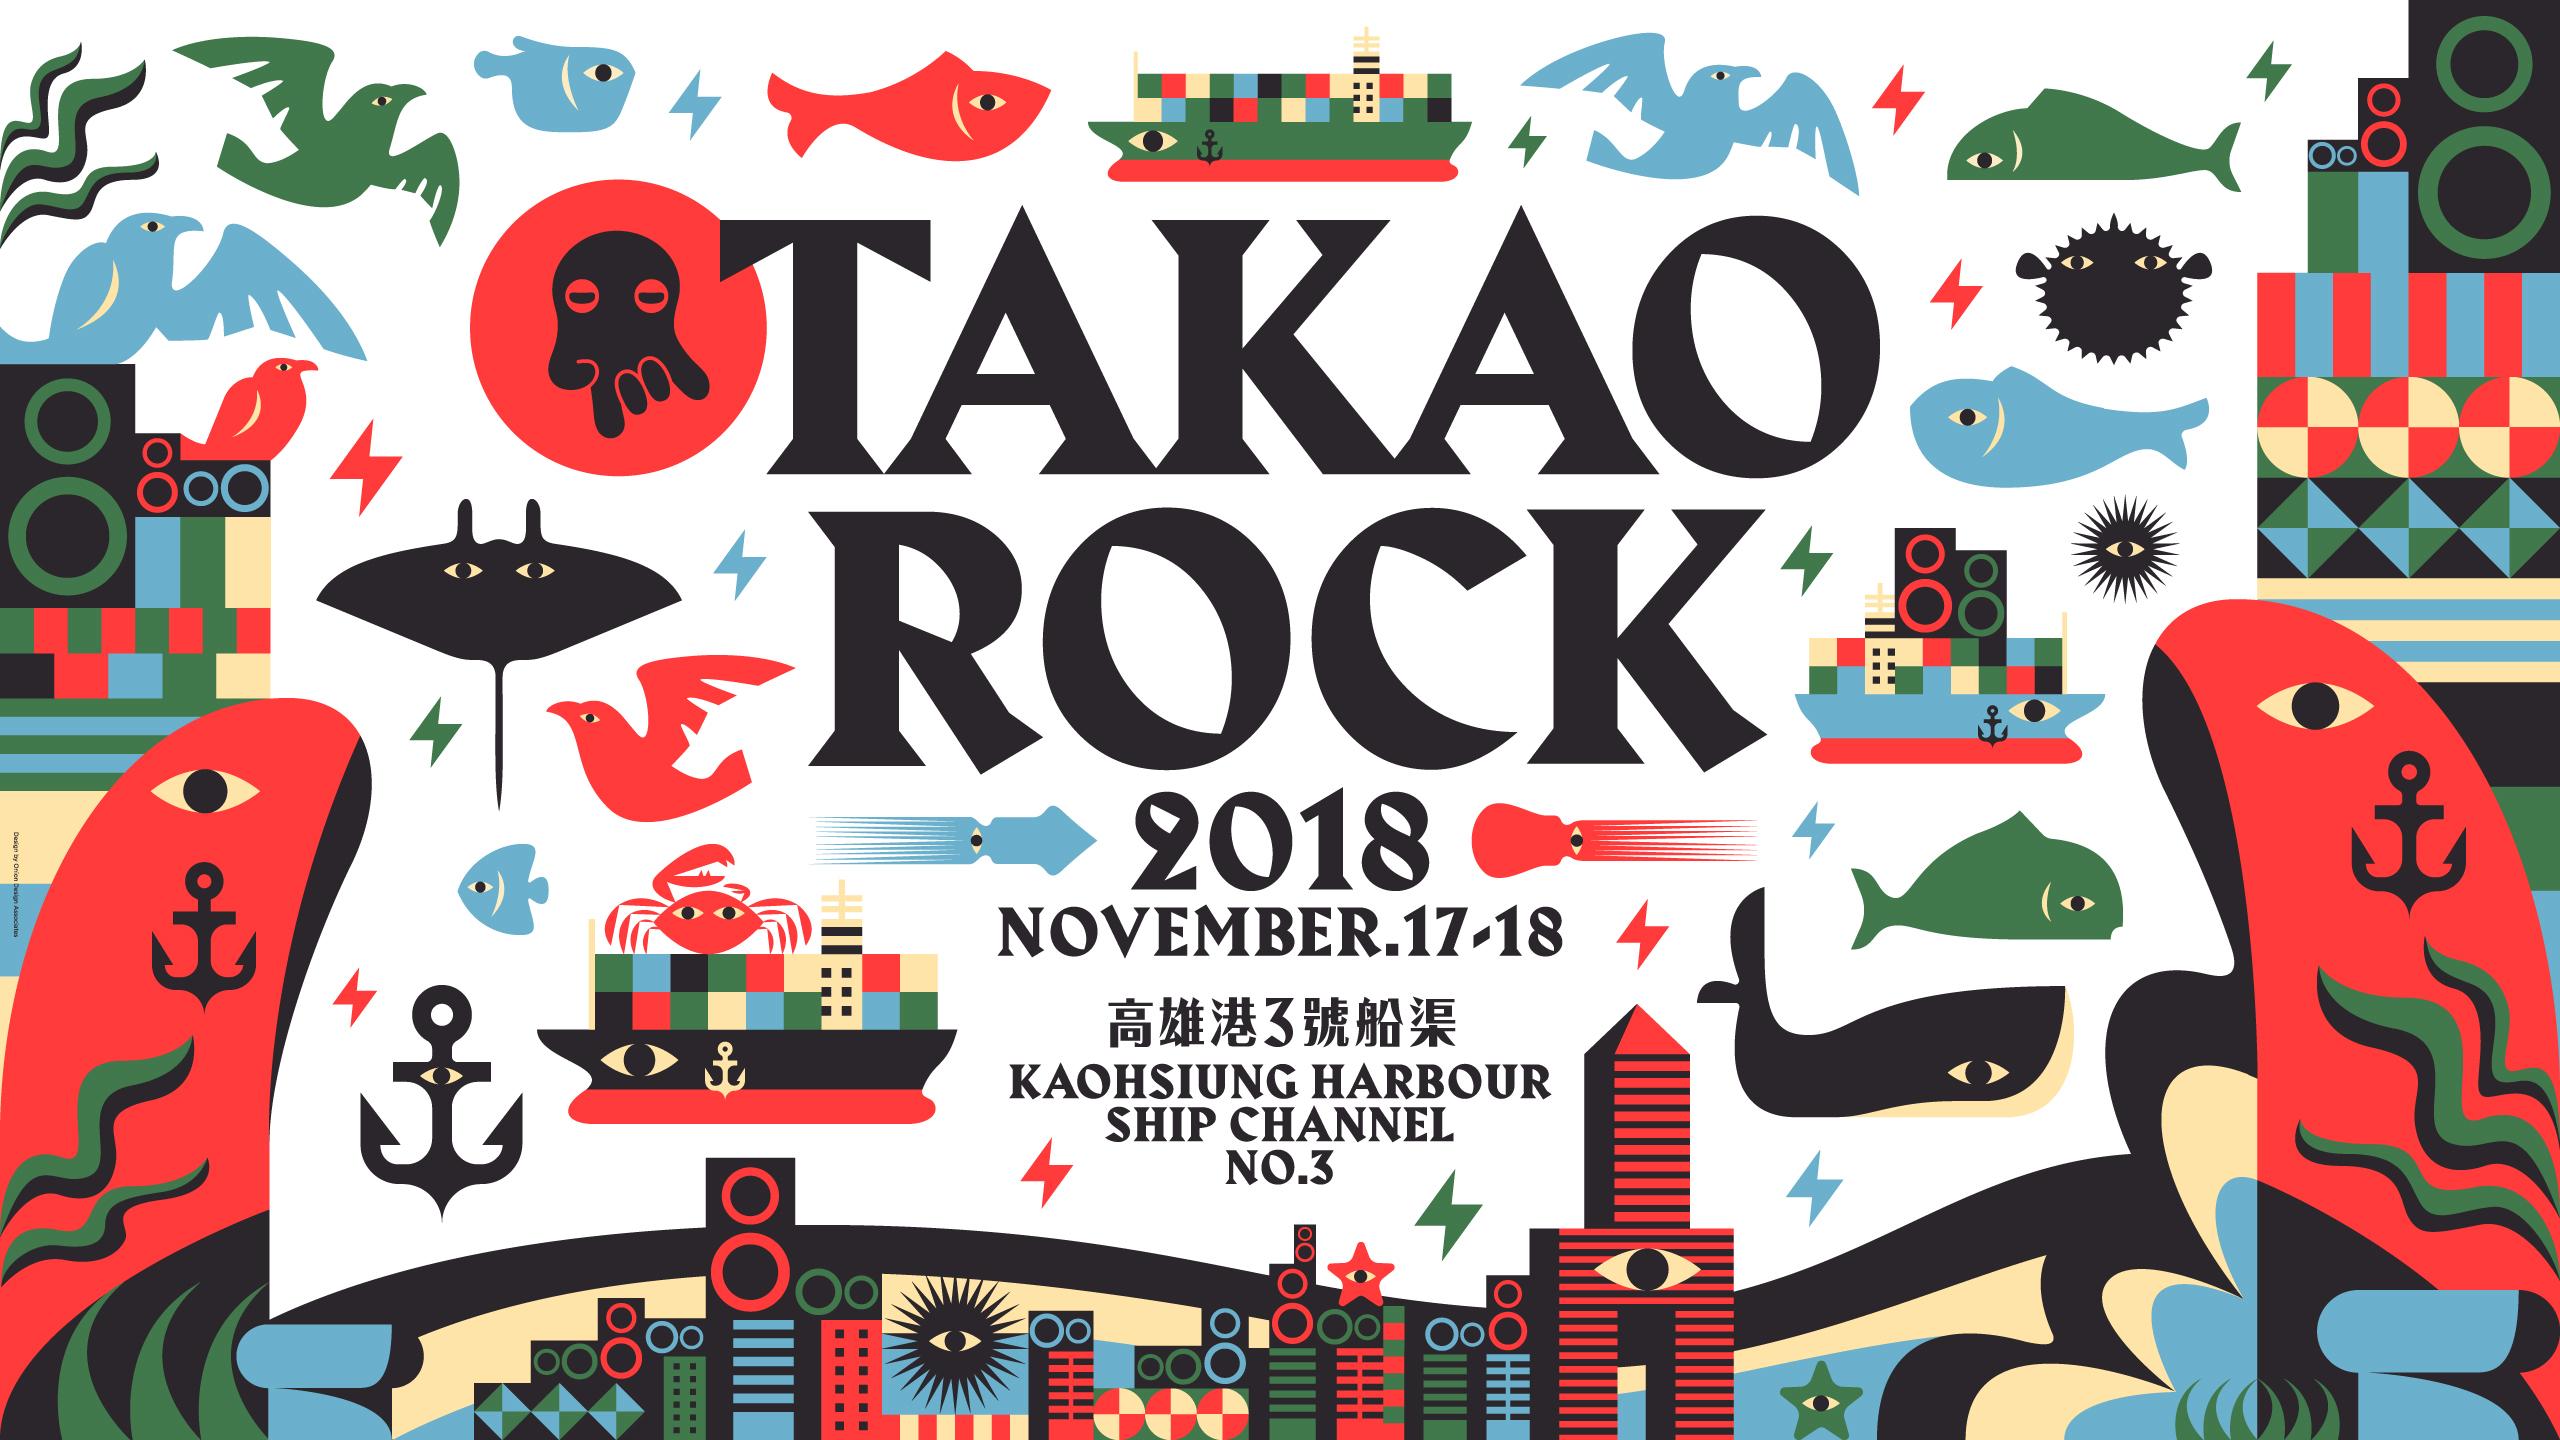 TAKAO ROCK 音樂祭